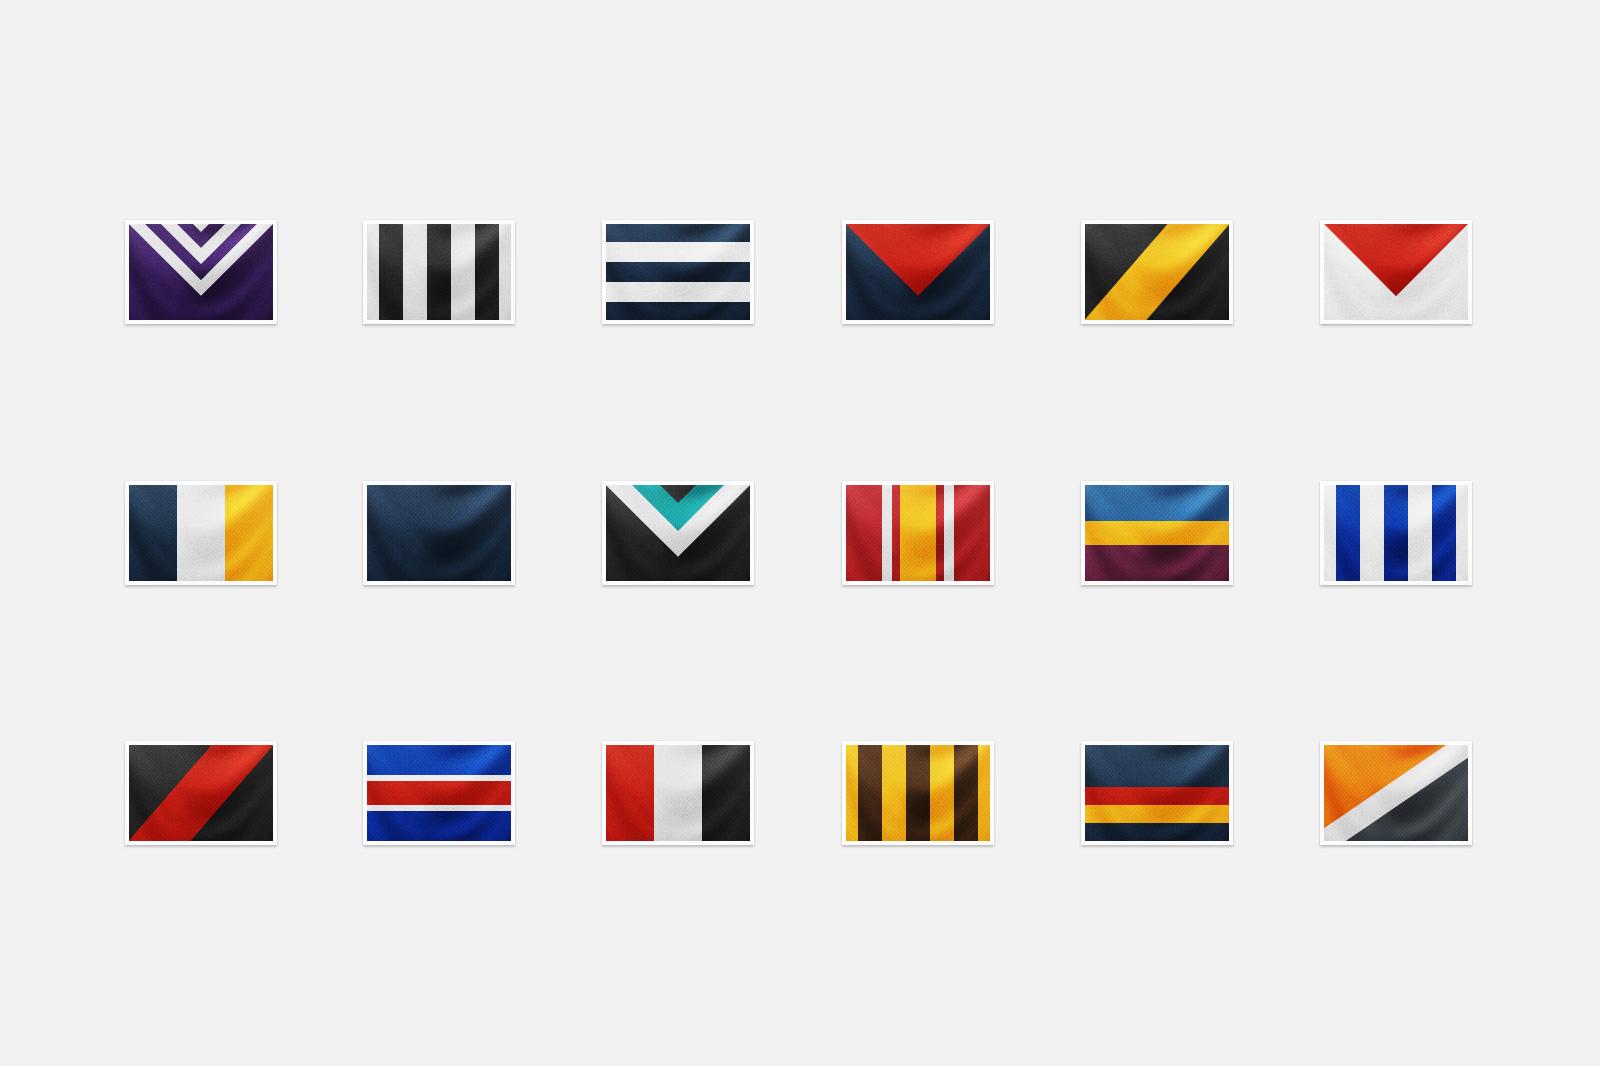 Team flags